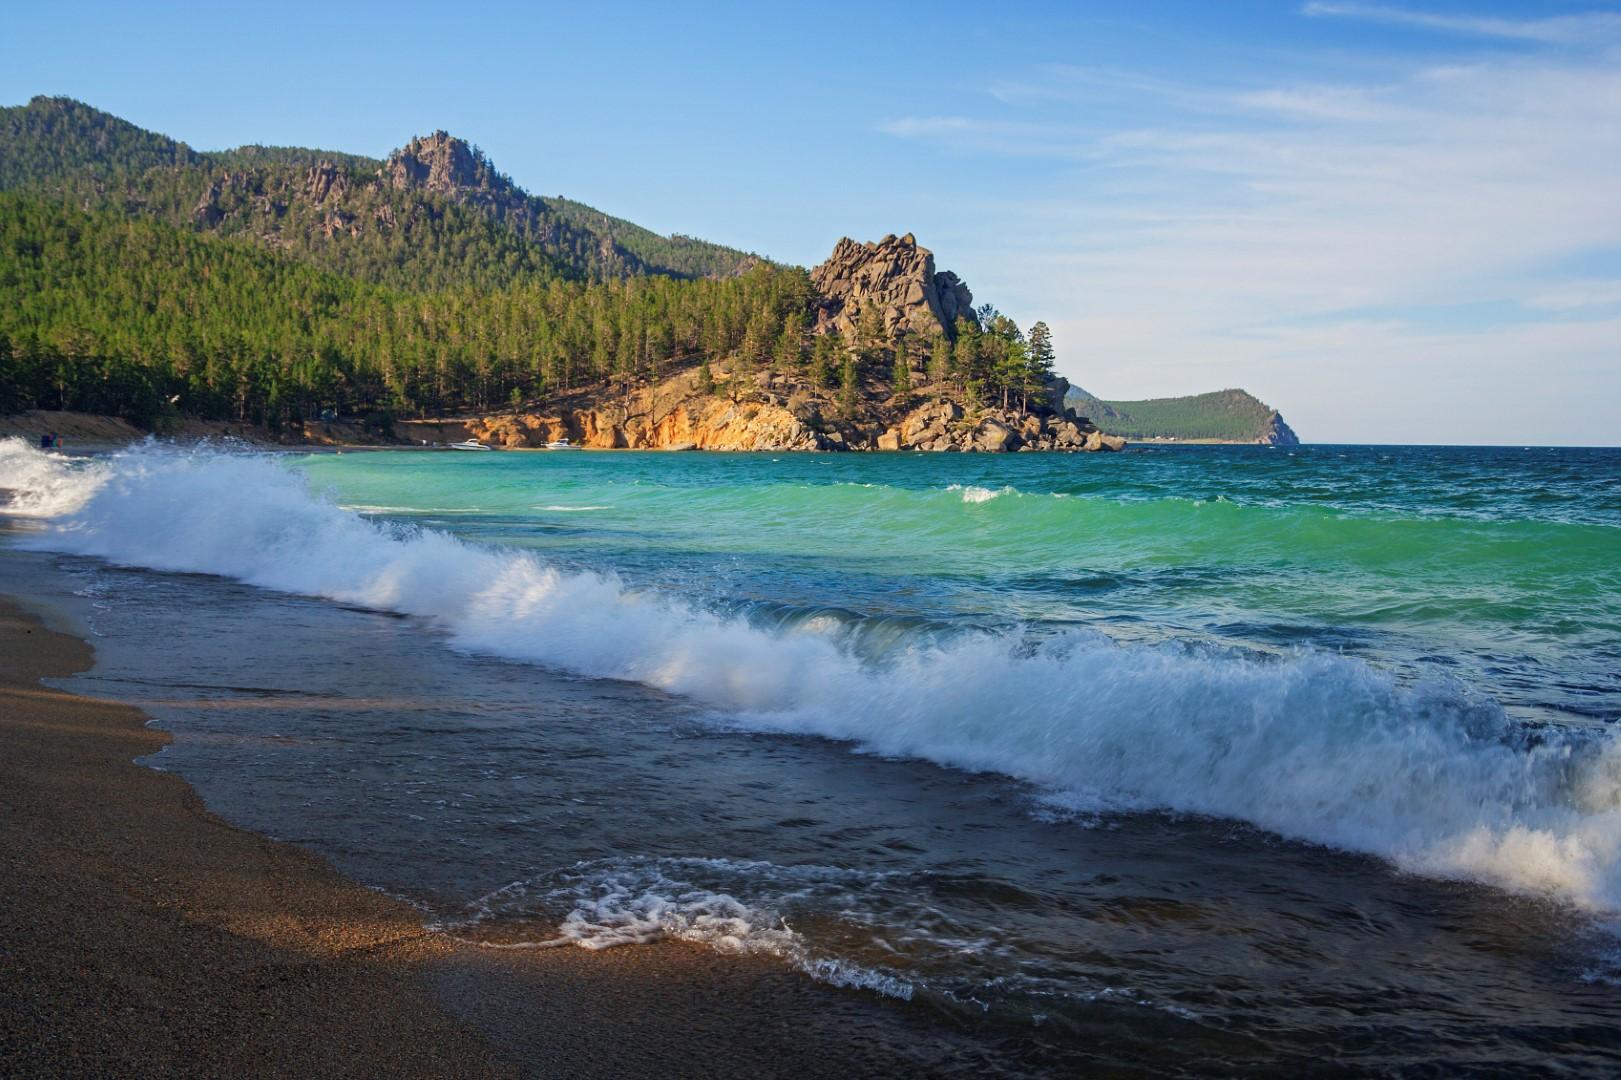 La bellezza fragile del lago di Baikal